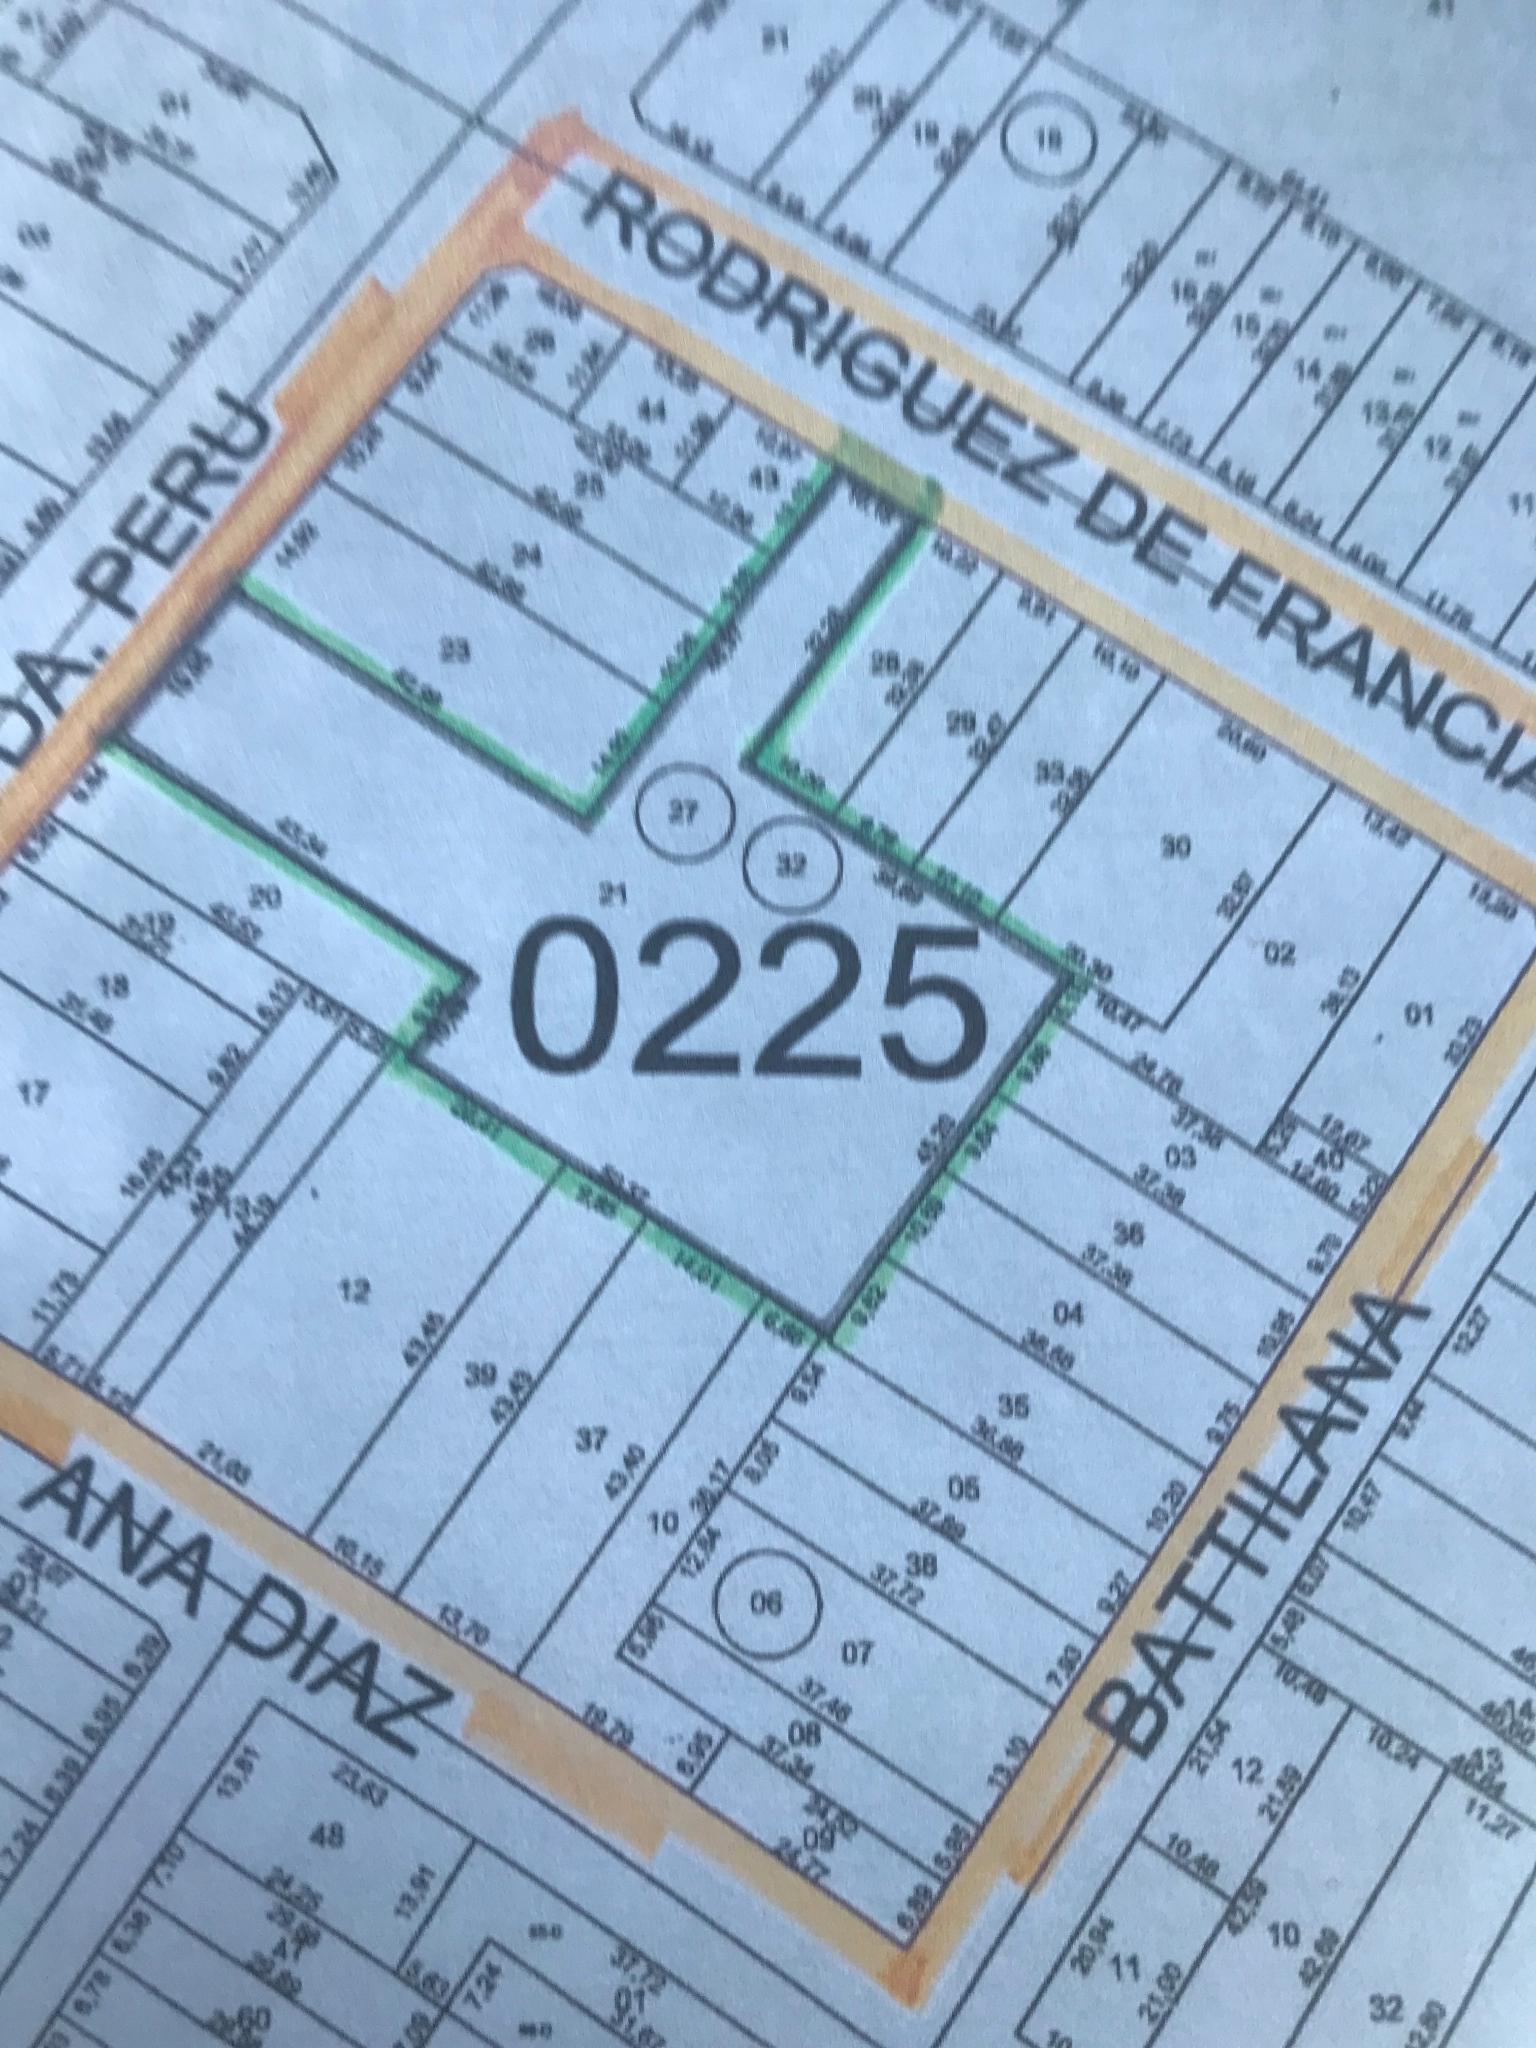 VENDO V-126 Propiedad Zona Mercdo 4